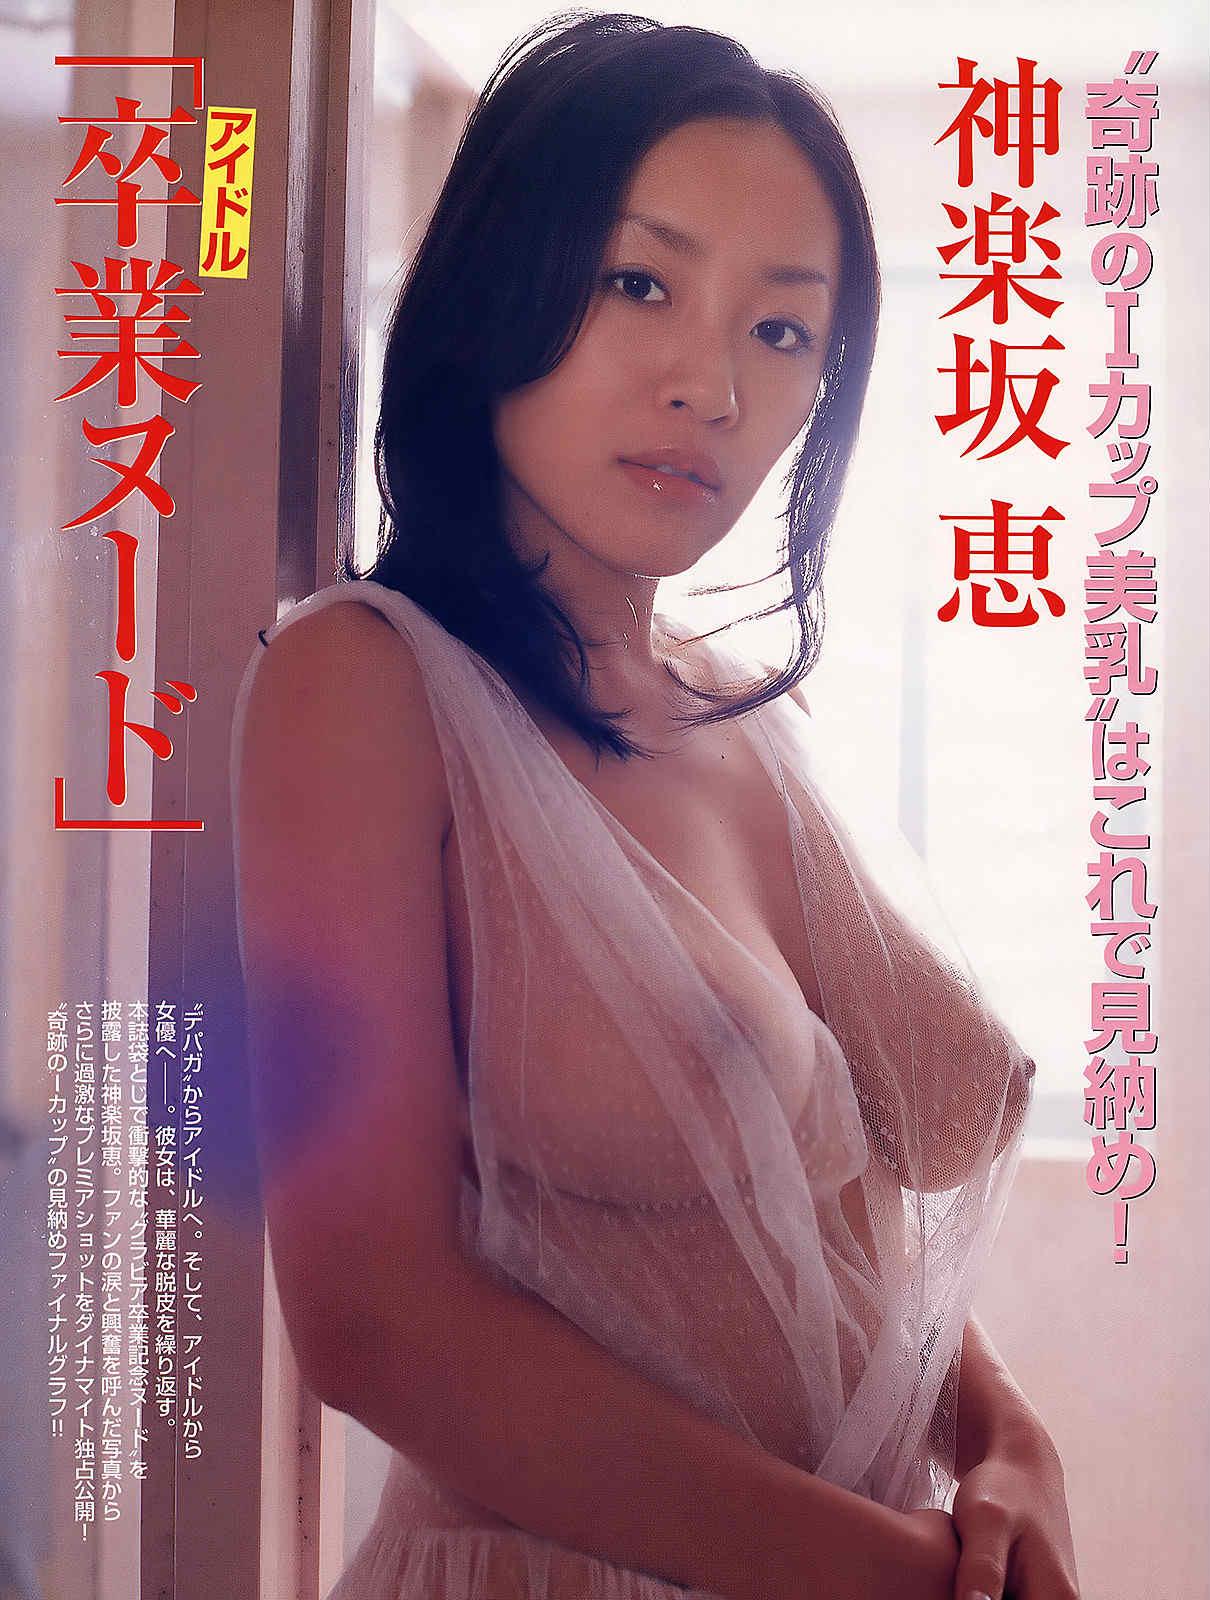 神楽坂恵ヘアヌードエロ画像 (1)